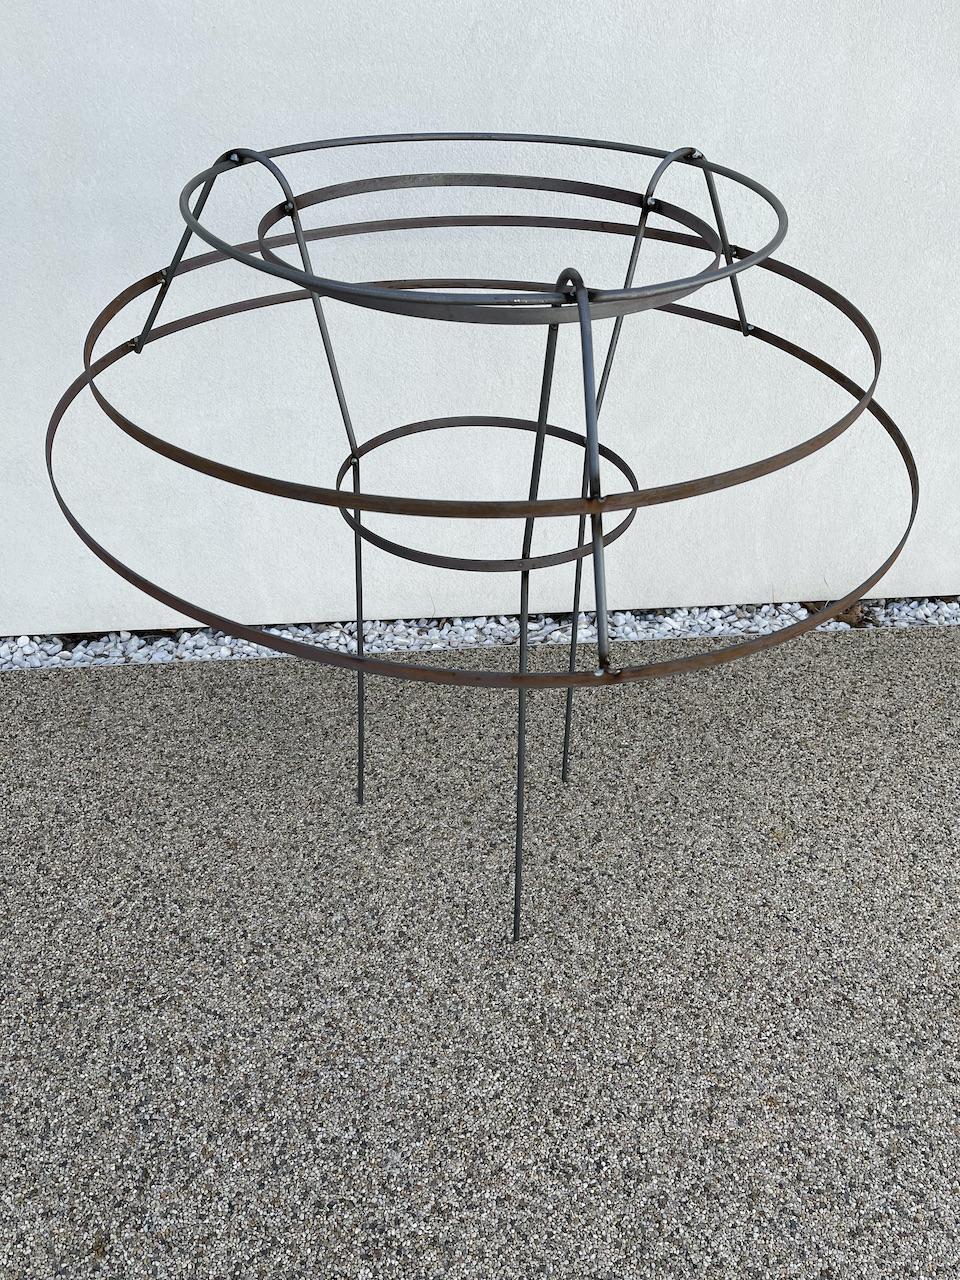 Basic Plant Support - The Gardeners Blacksmith - Jonne Ceserani